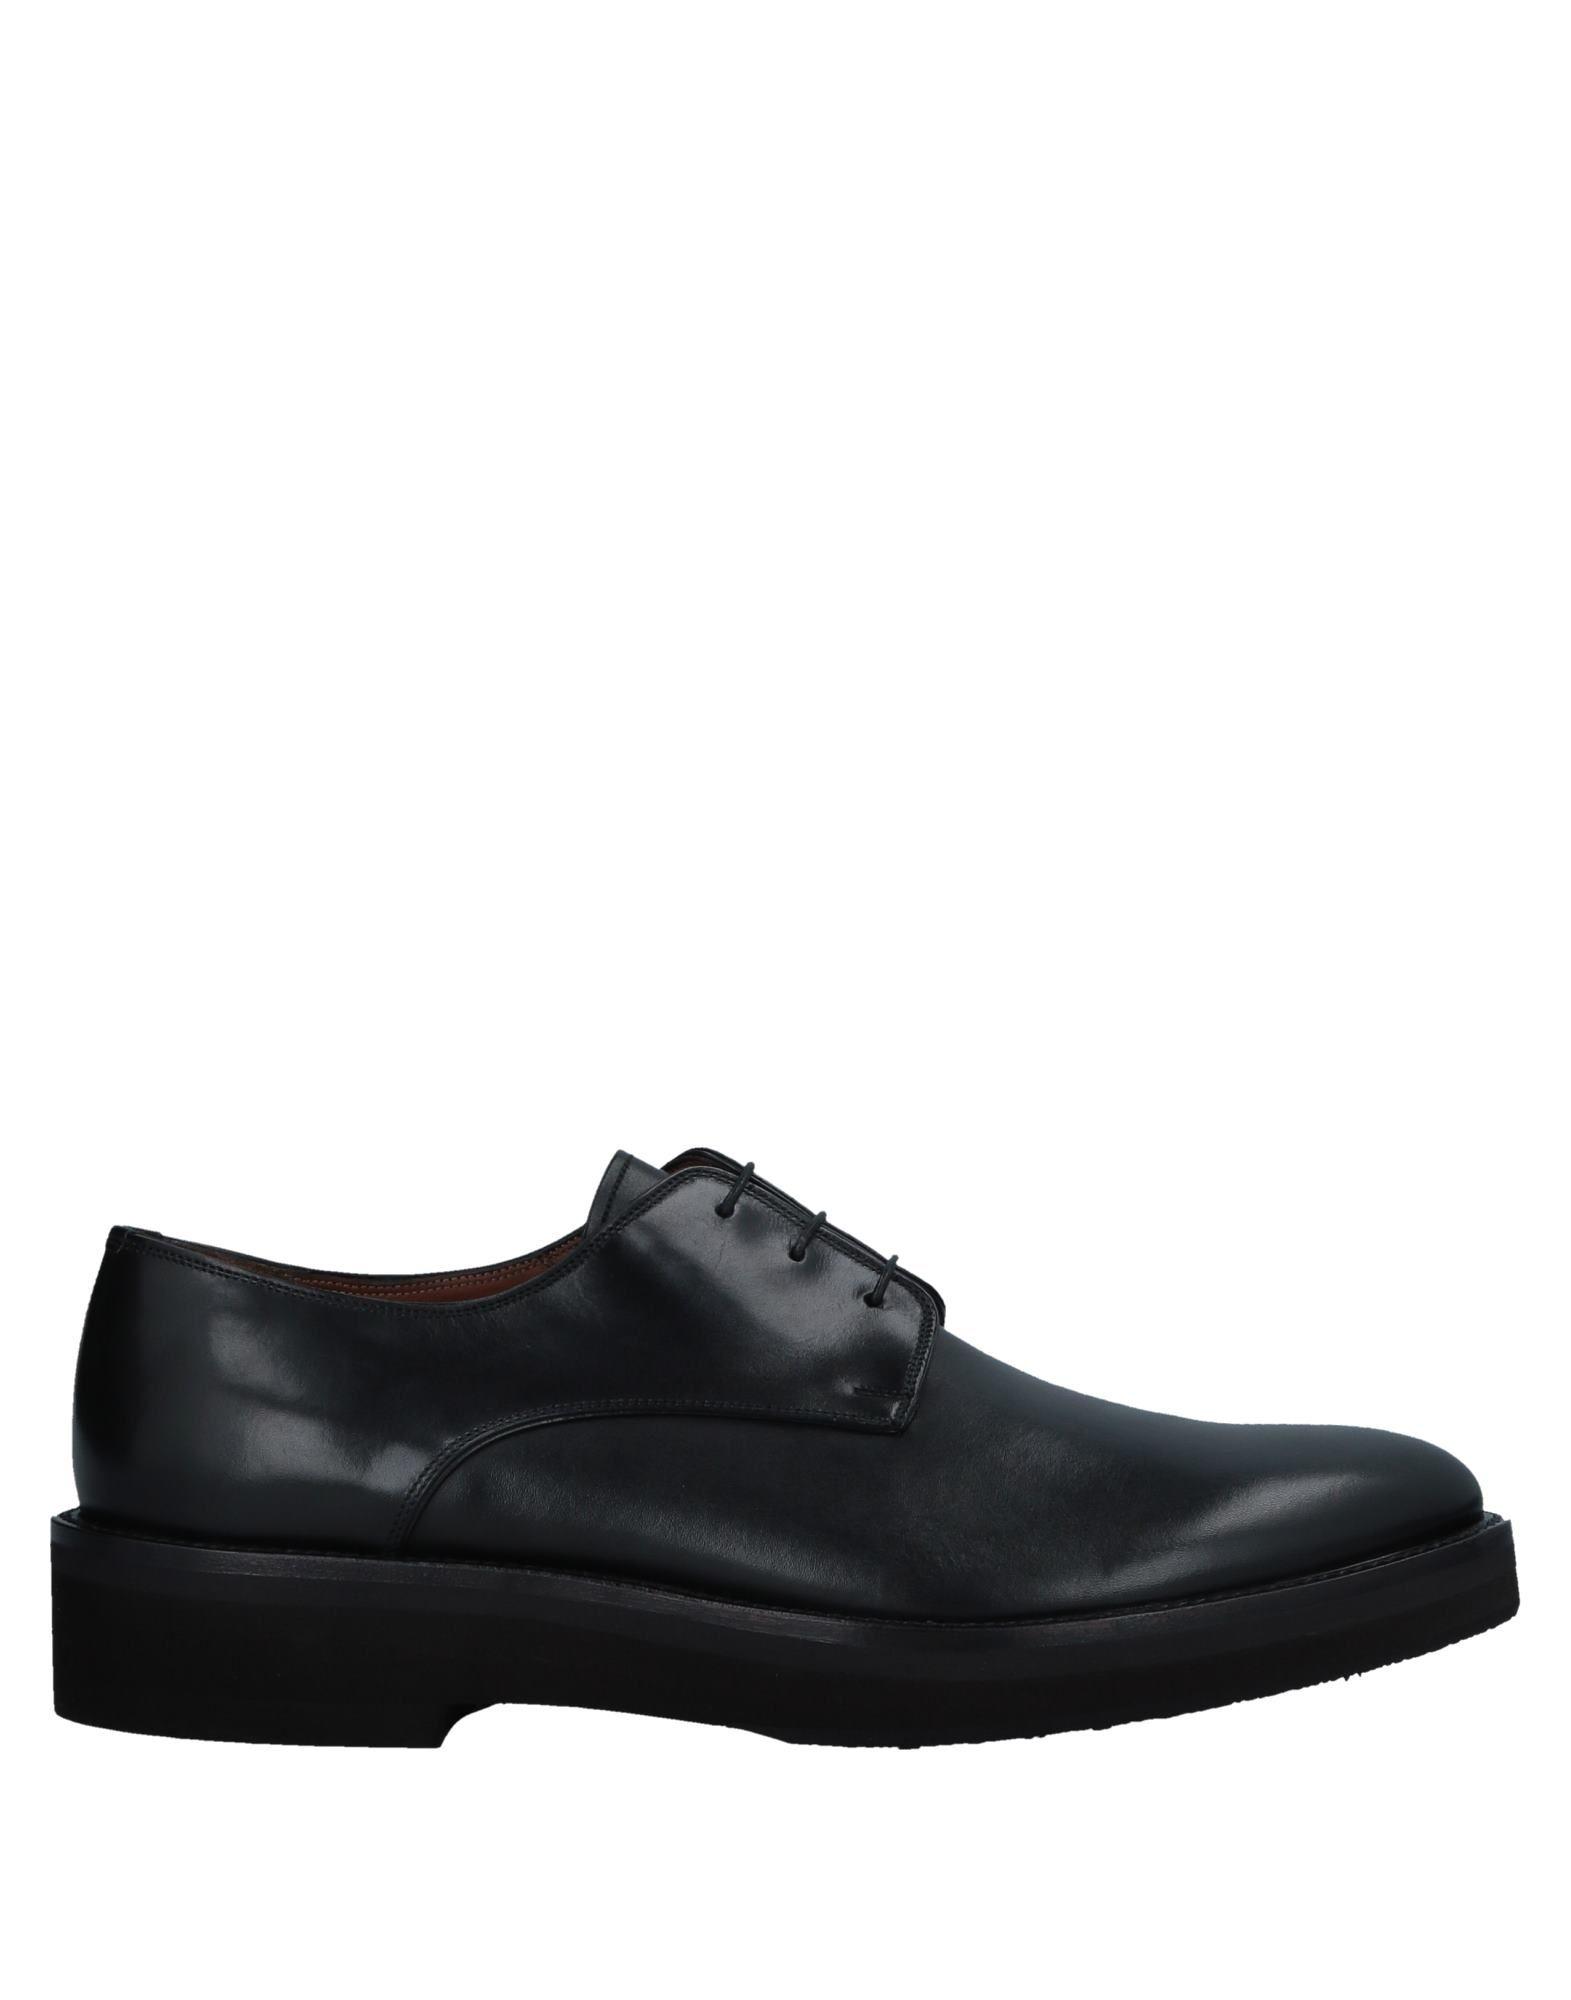 Premiata Schnürschuhe Herren  11528737VM Gute Qualität beliebte Schuhe